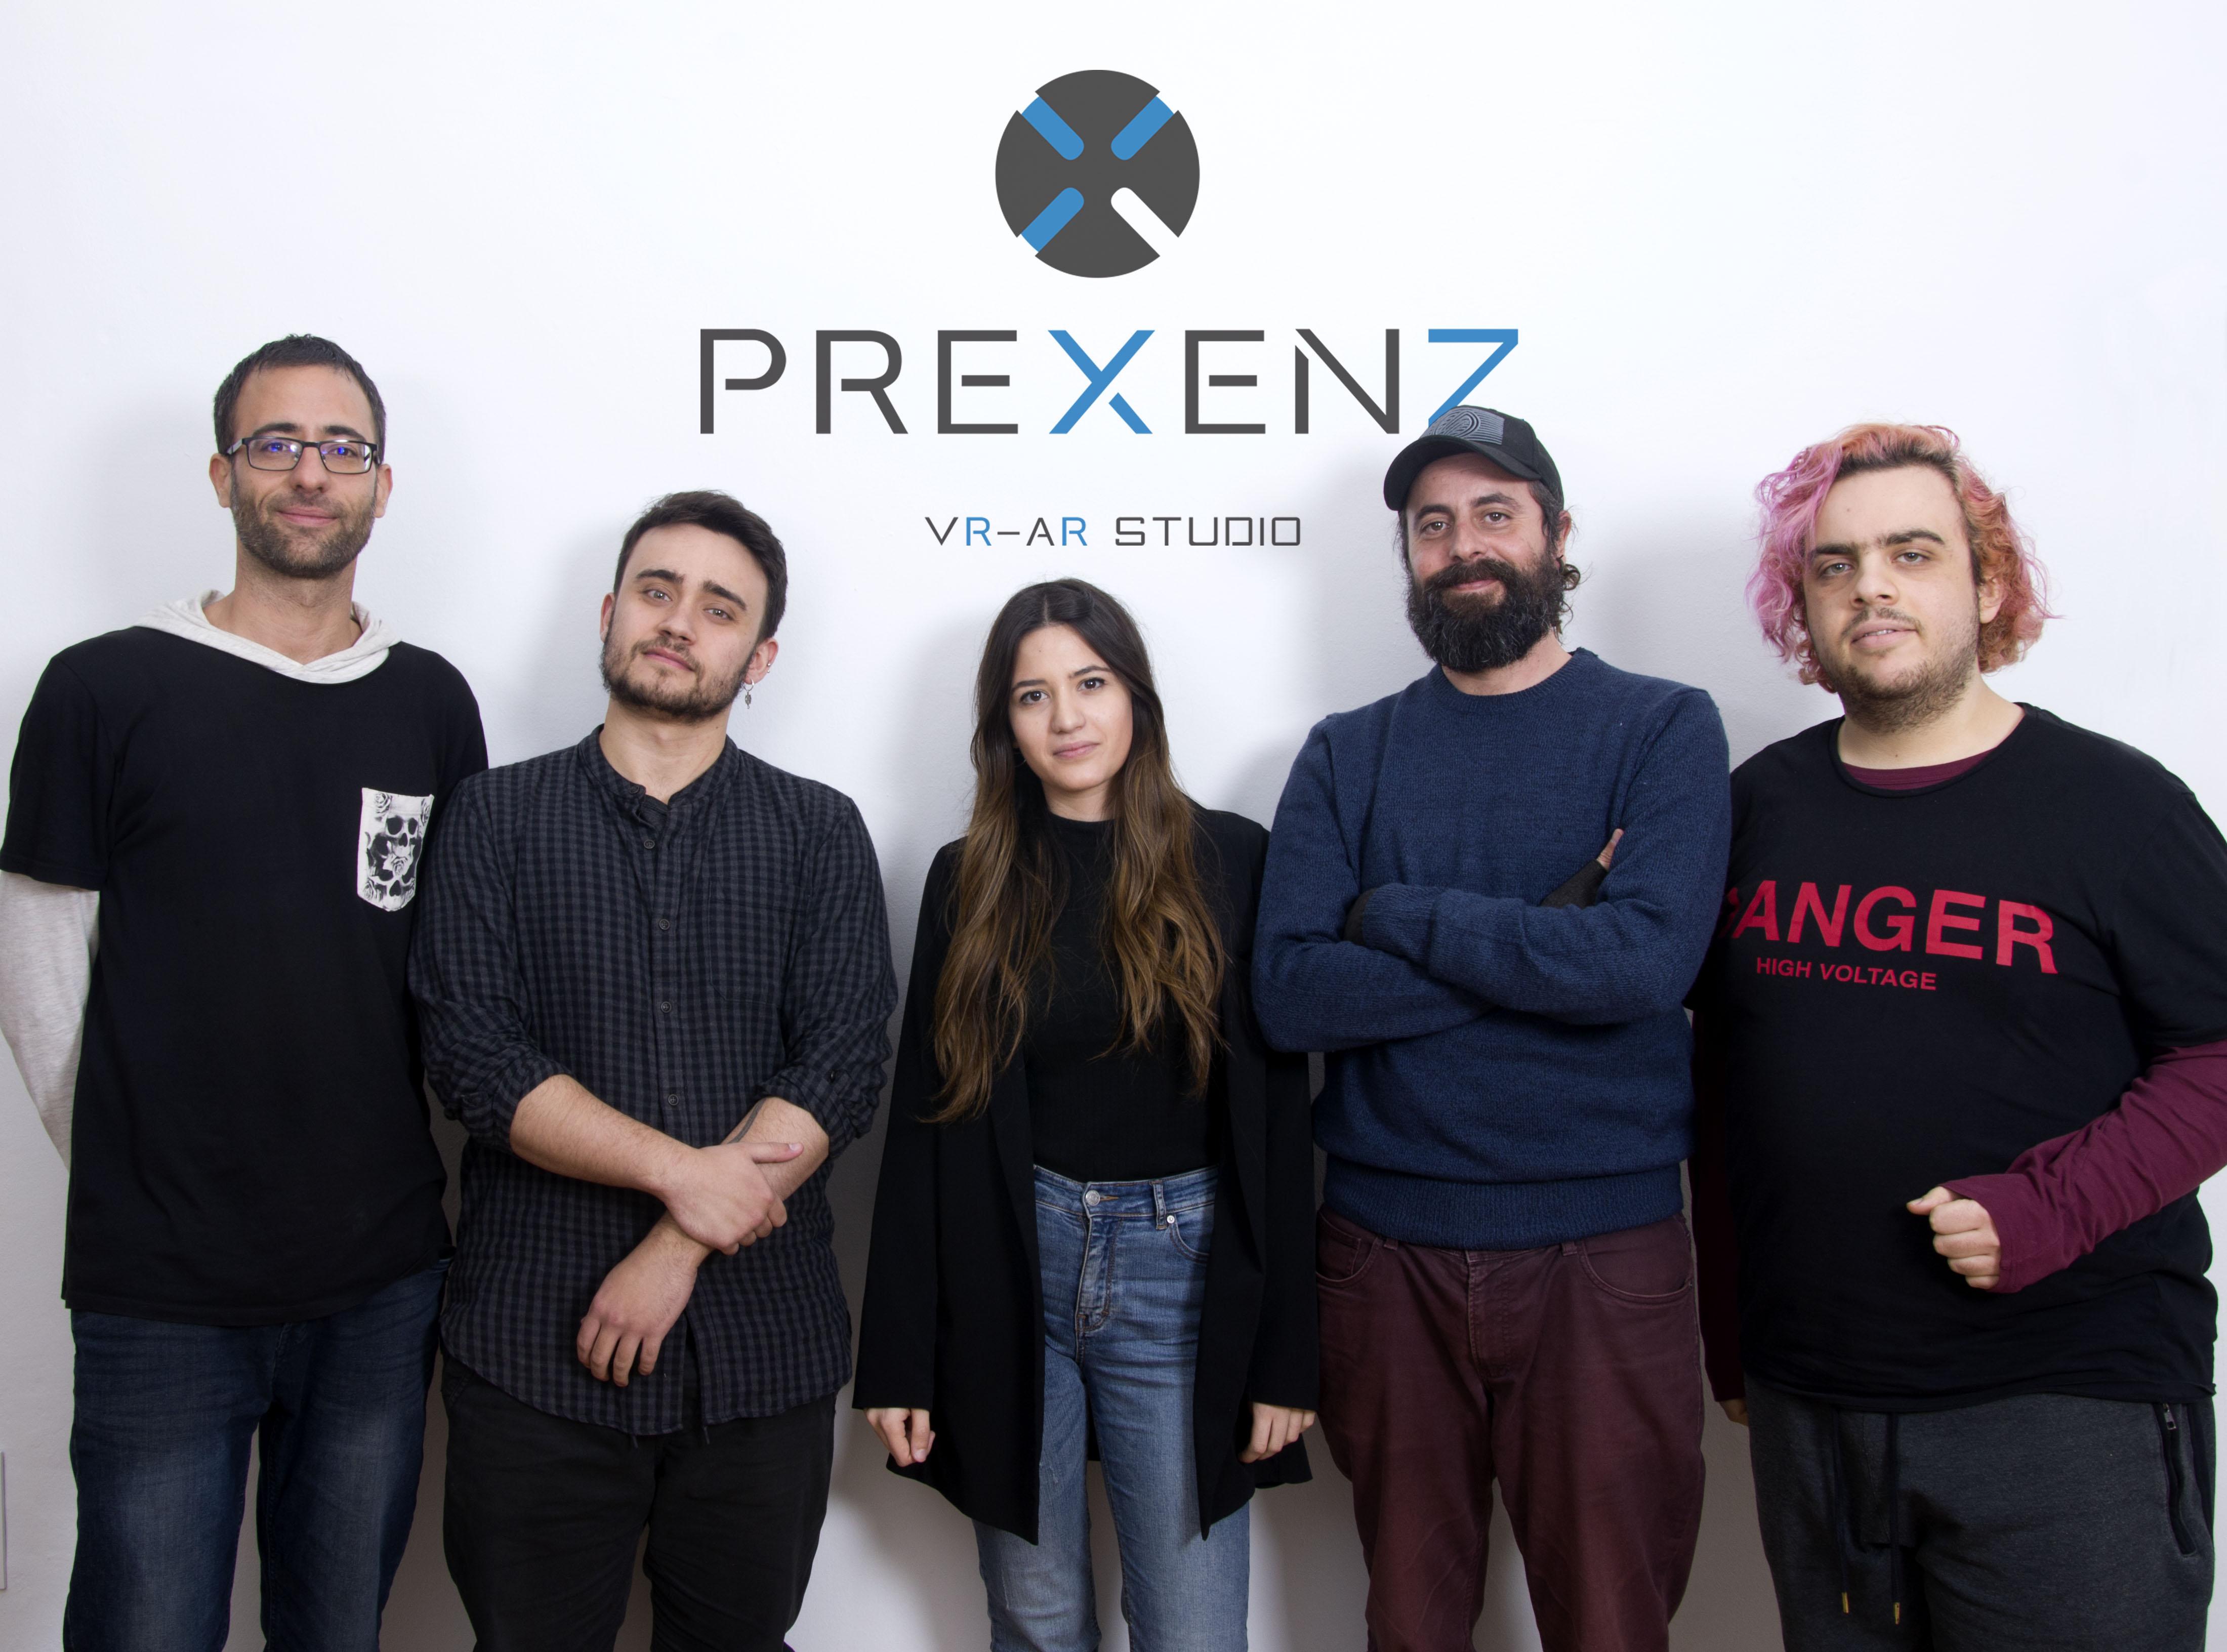 Fotografía del equipo de Prexenz